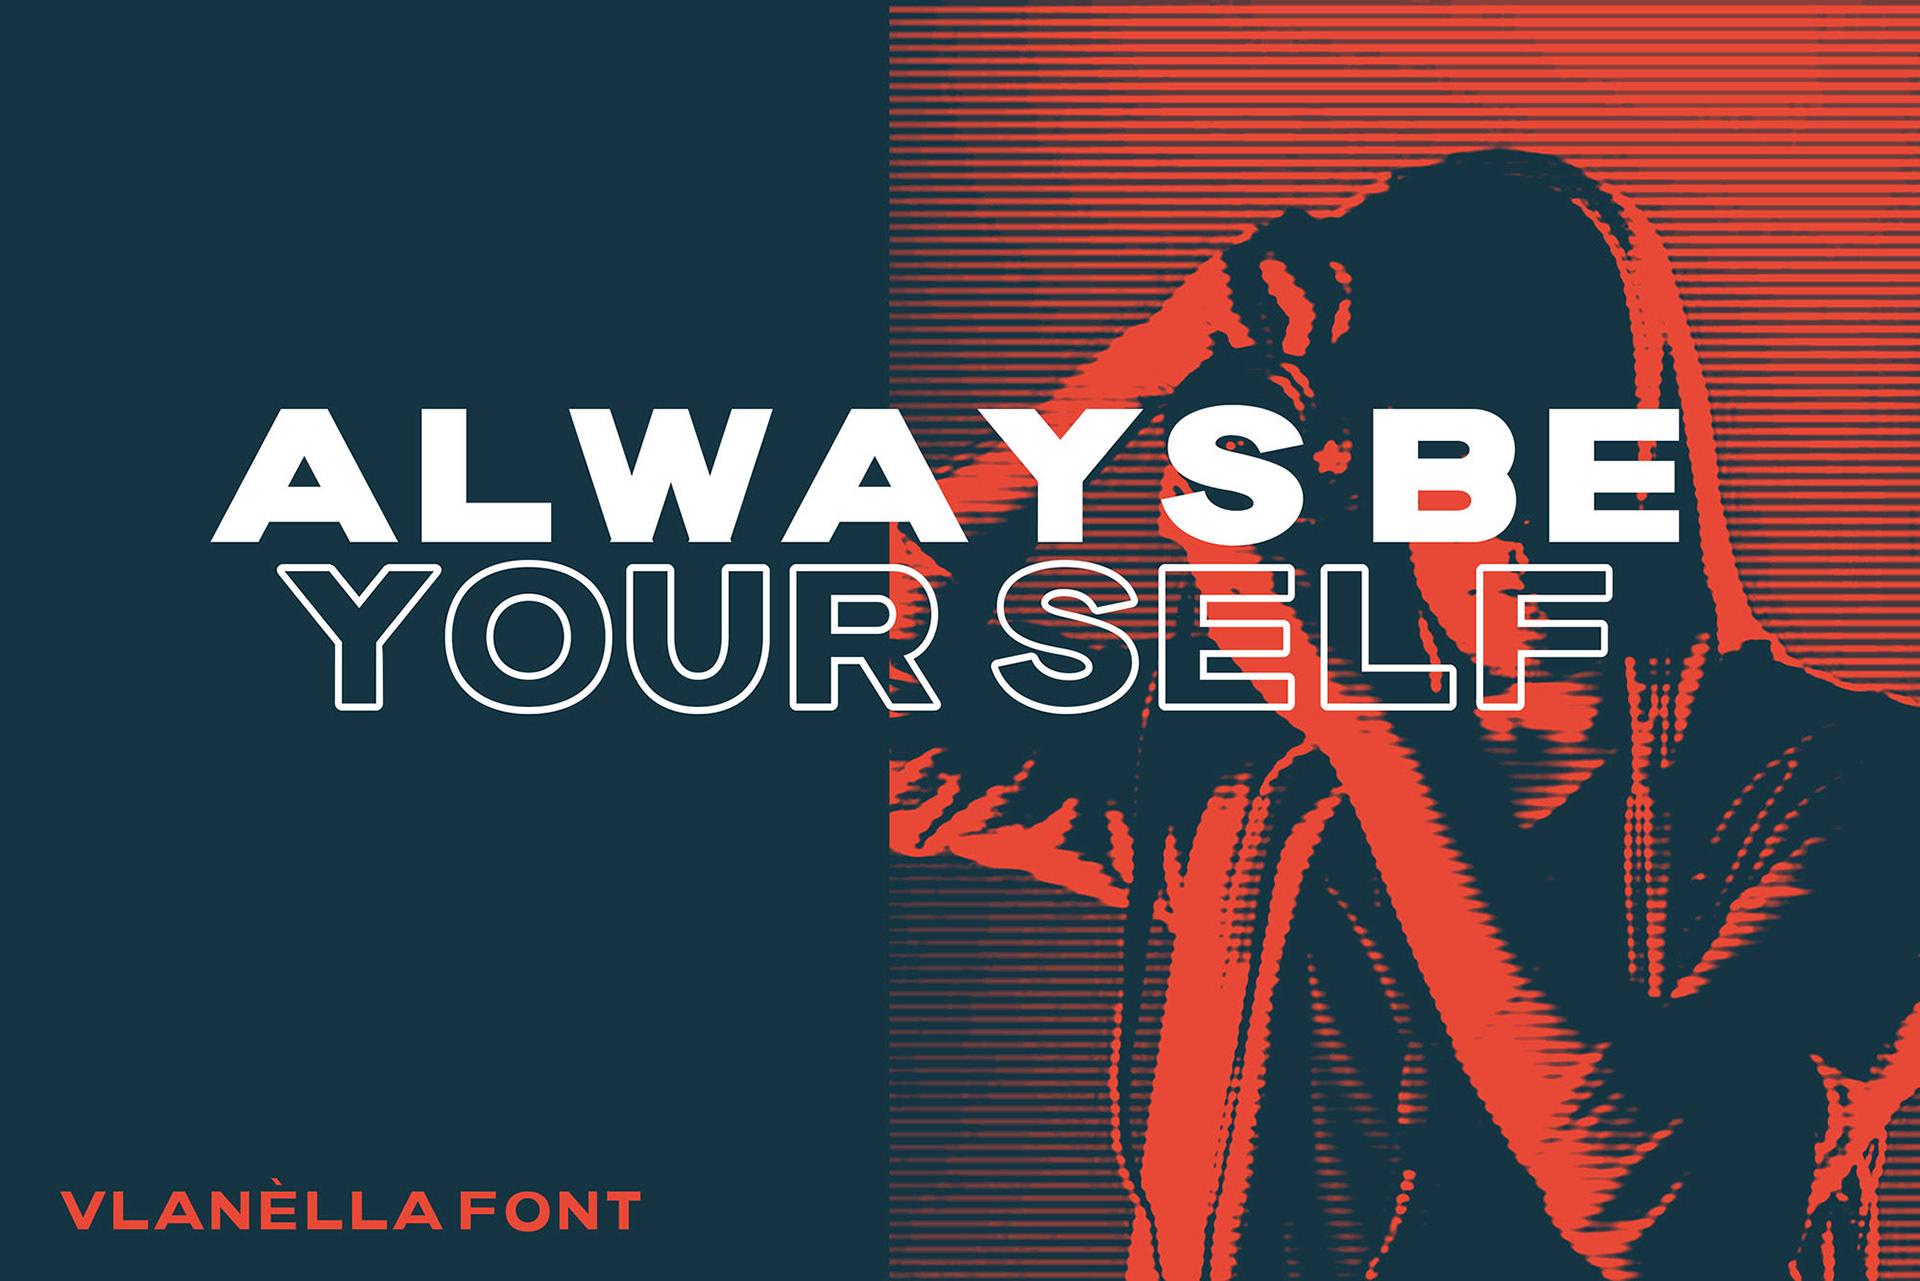 Vlanèlla Free Font Family - sans-serif